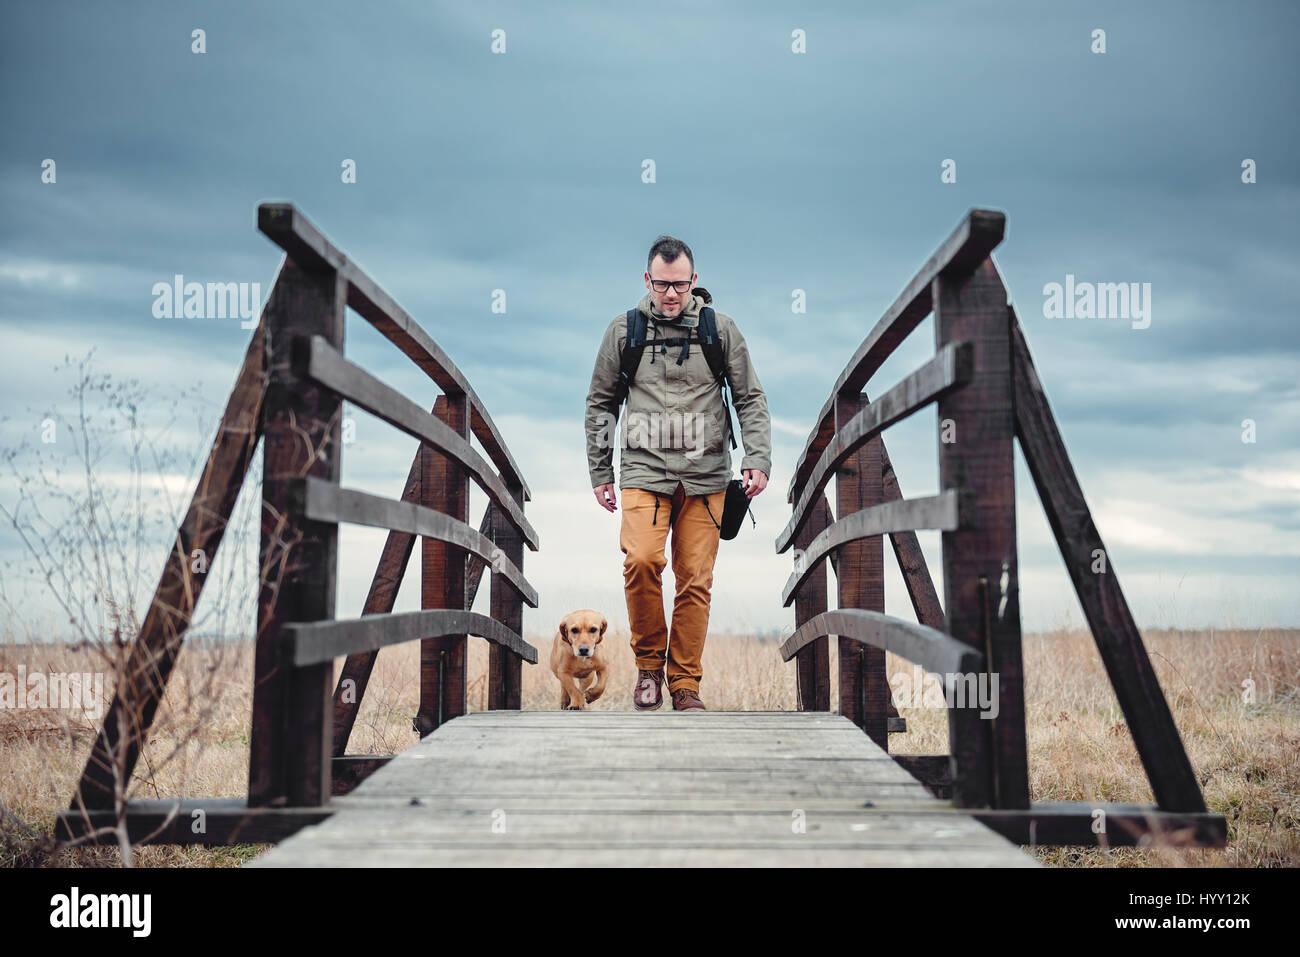 Trilheiros e cão atravessar ponte de madeira no dia nublado Imagens de Stock